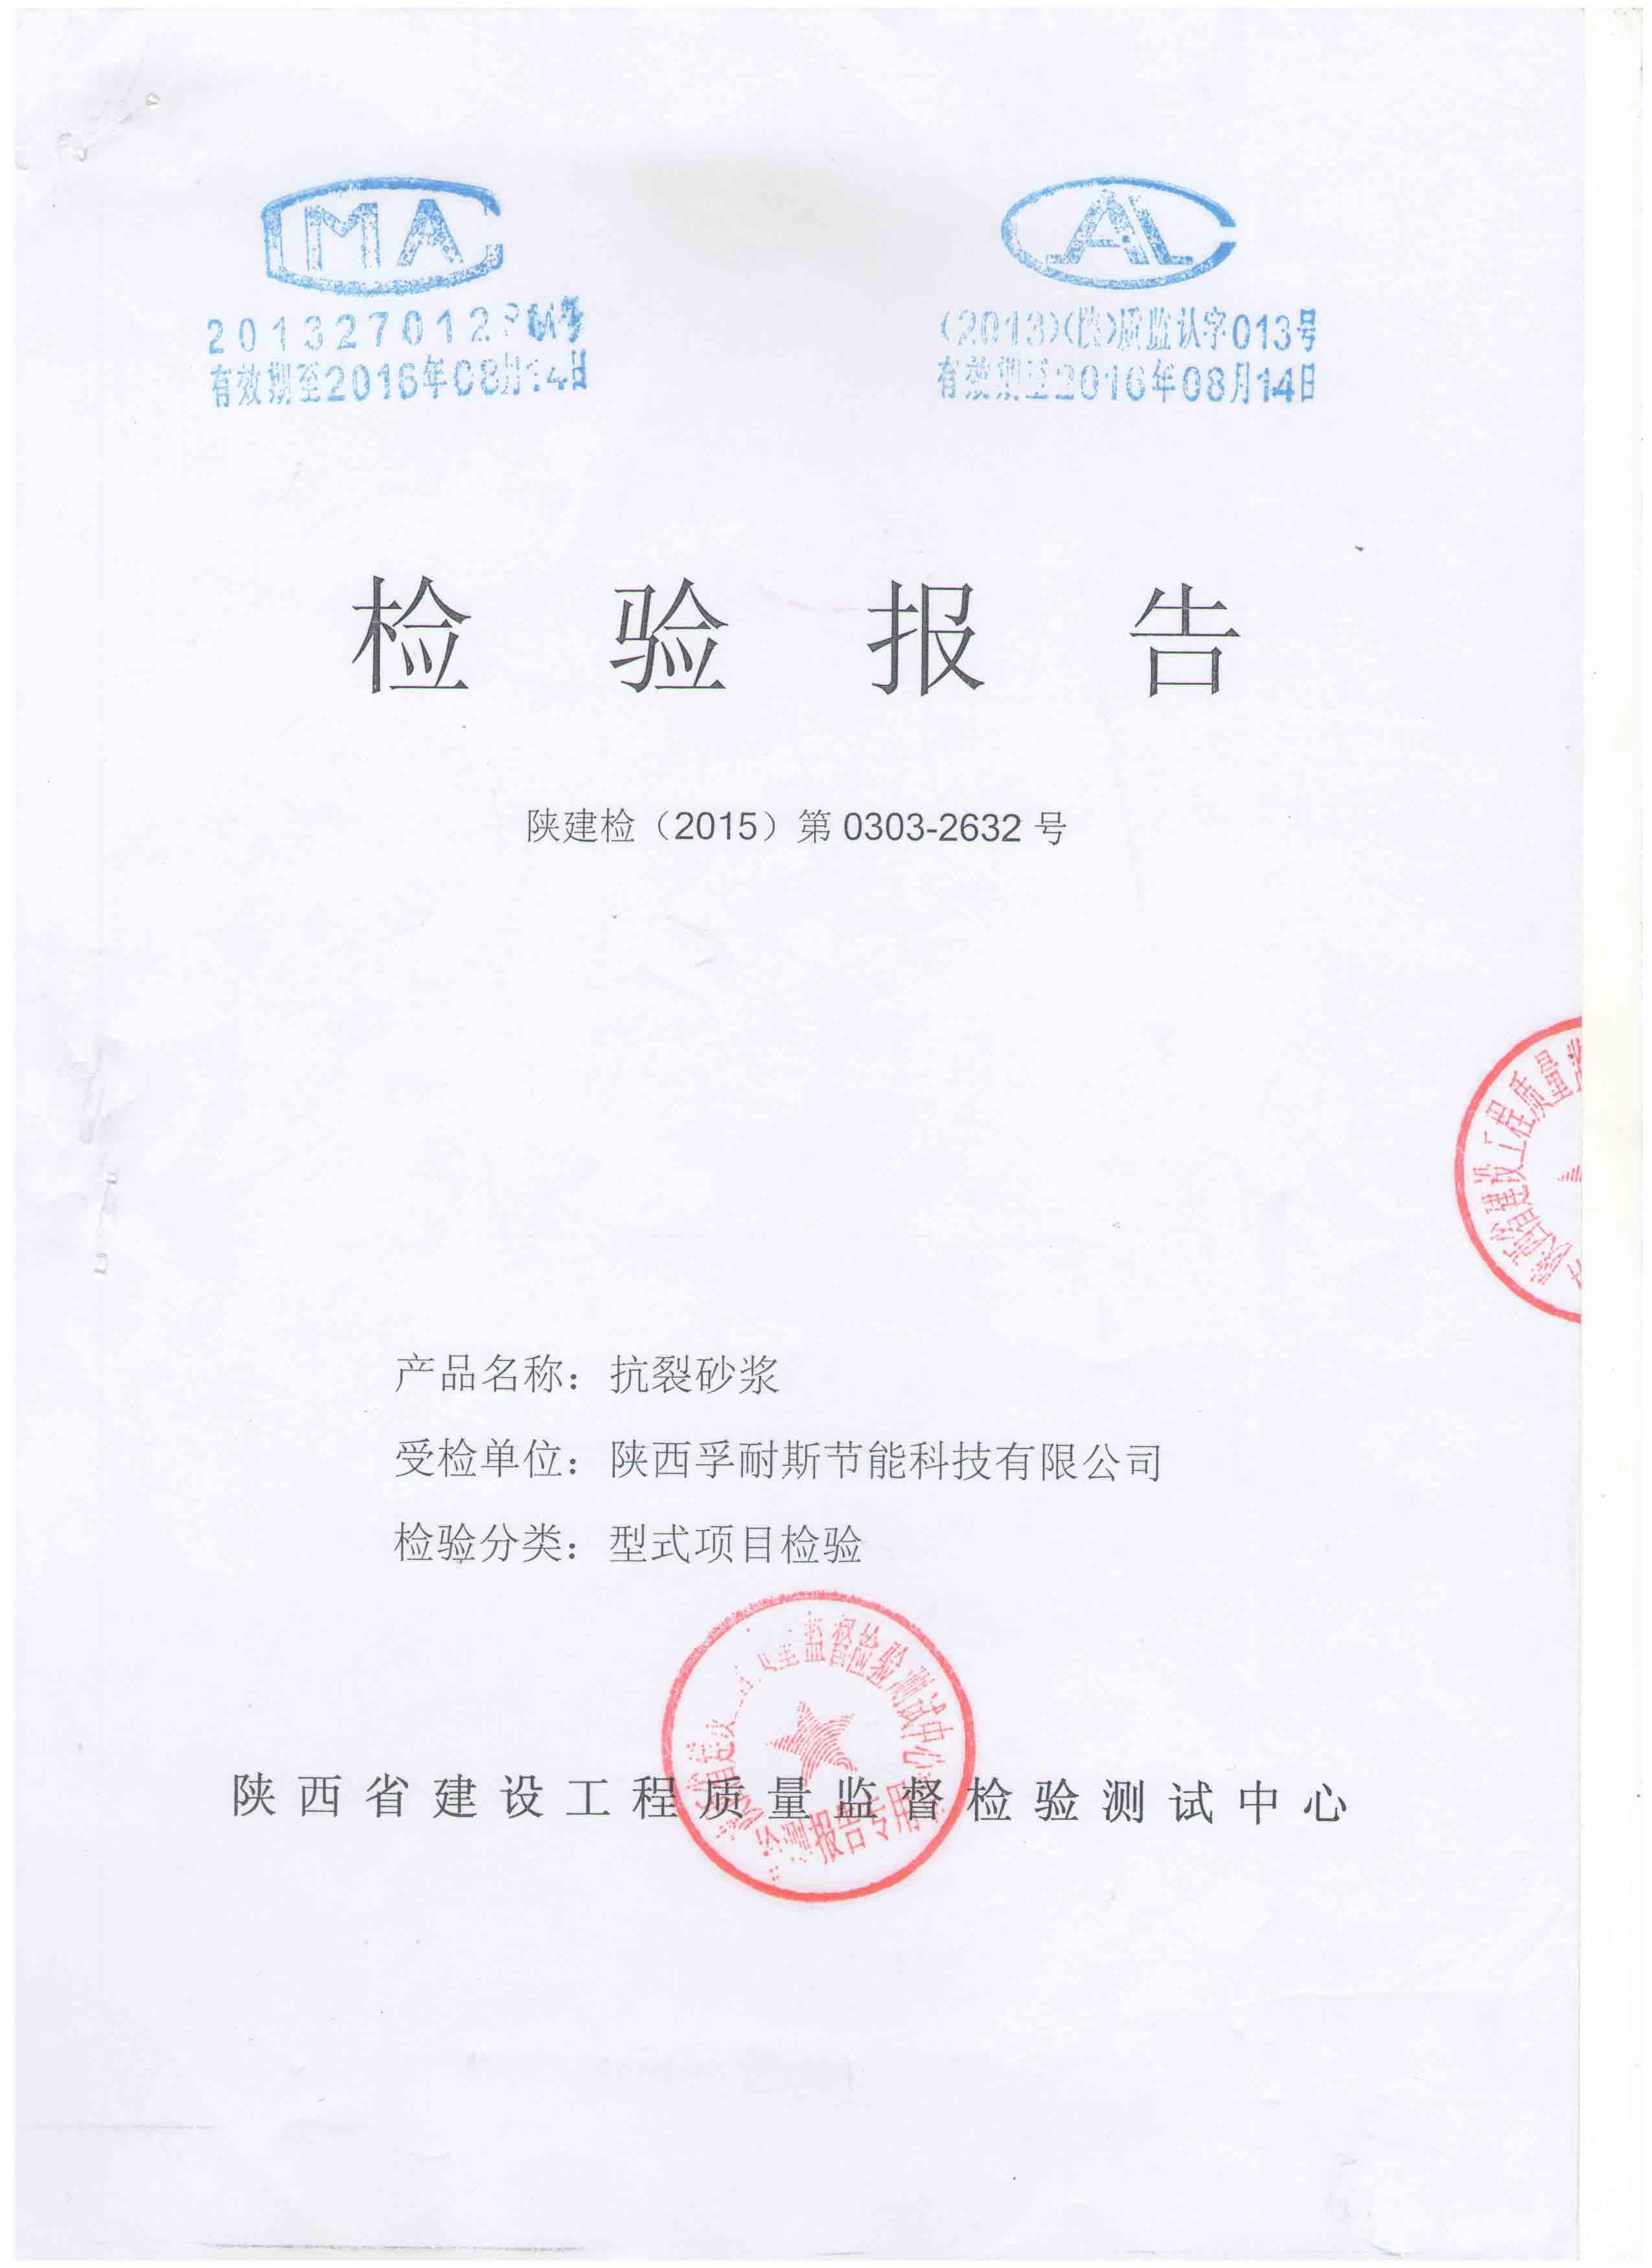 抗裂砂浆检验报告-陕西聚苯乙烯泡沫板